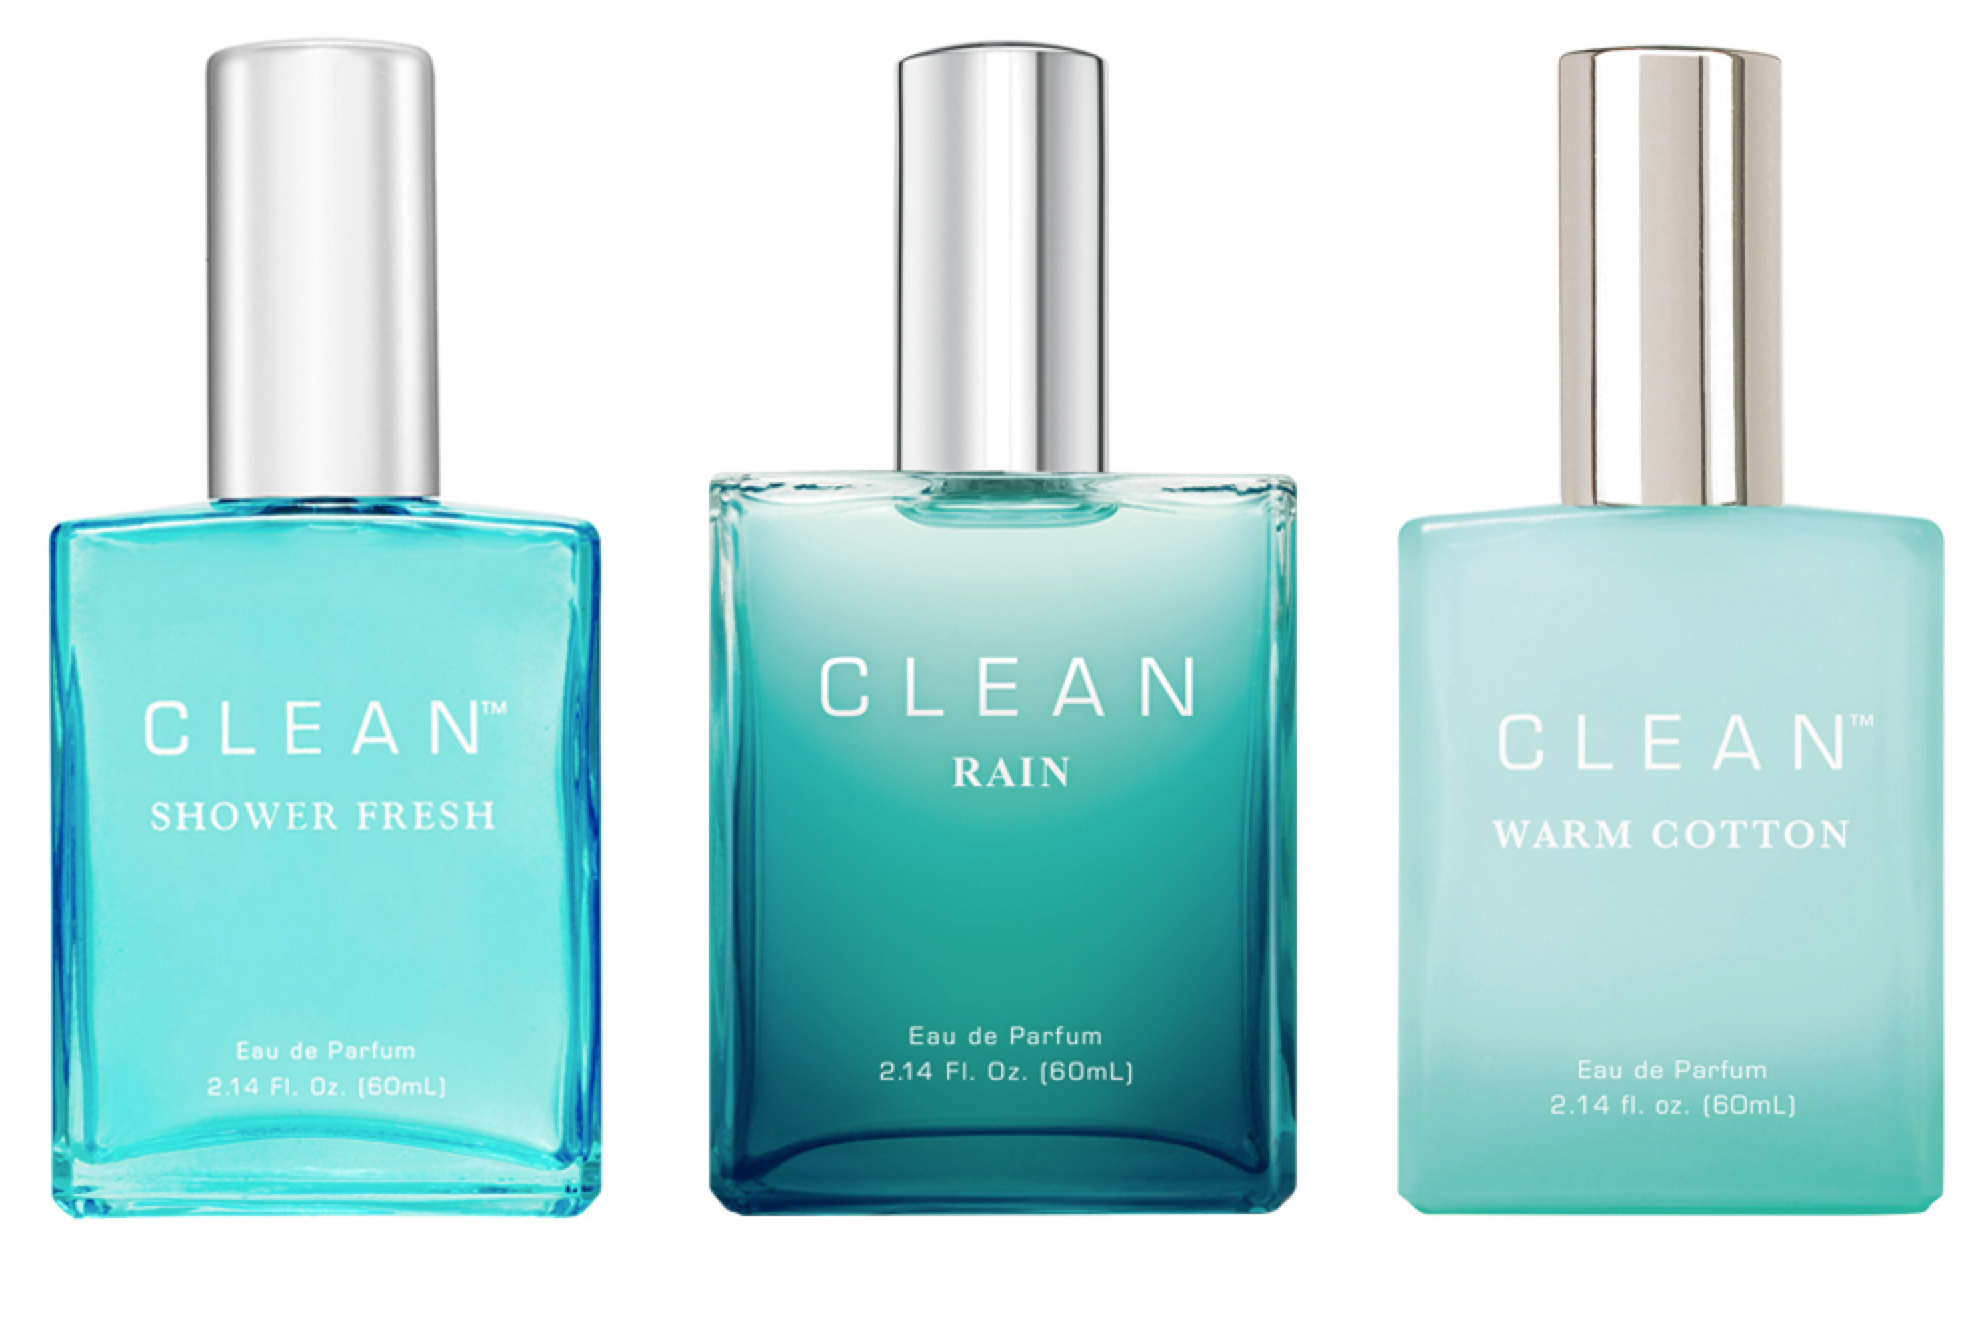 clean parfume rain